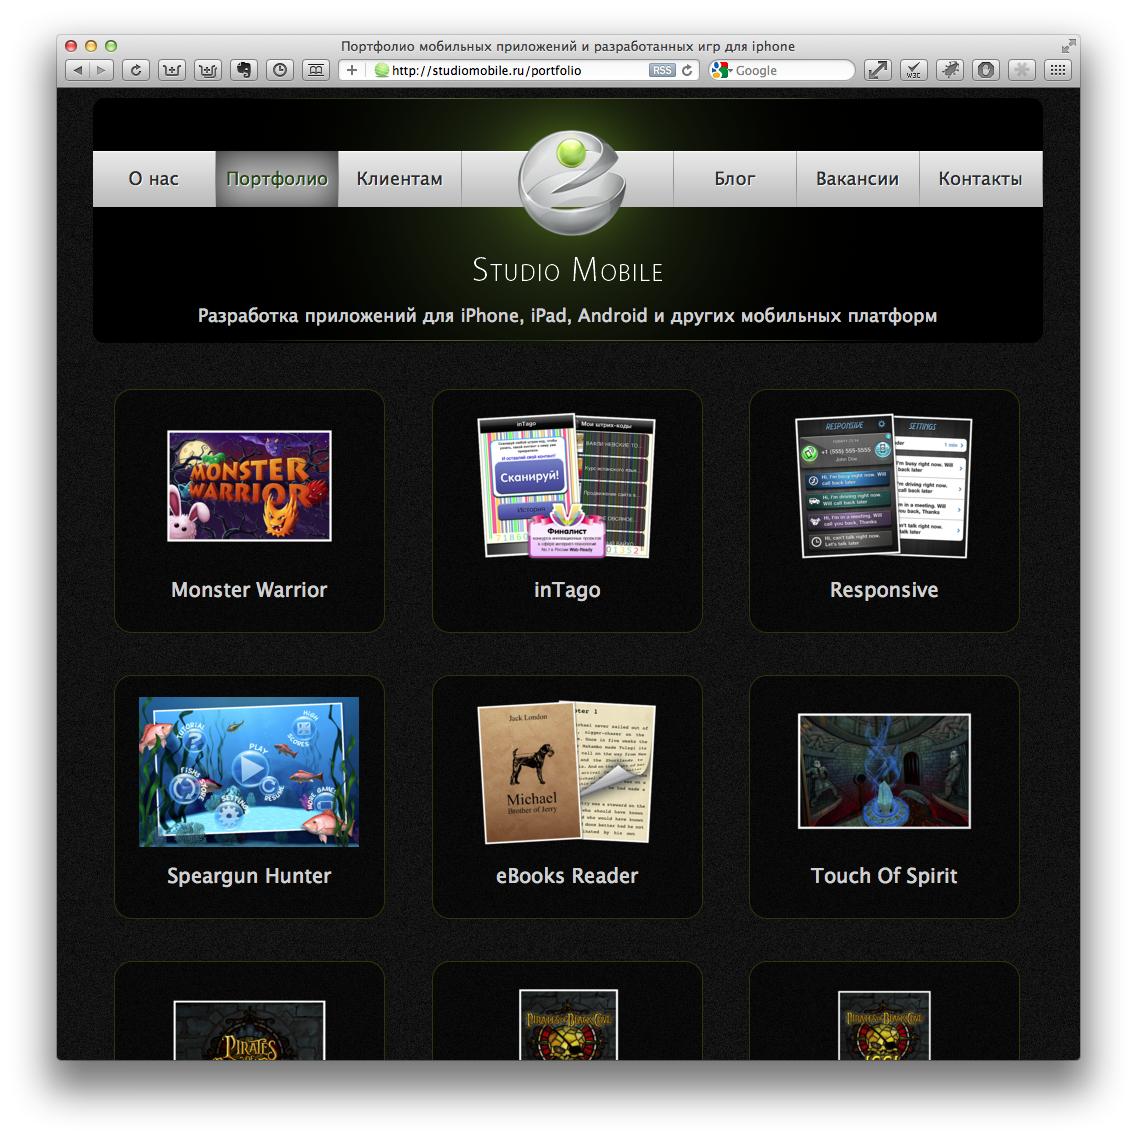 Сайт студии разработчиков мобильных приложений Iphone, Android и т.п.